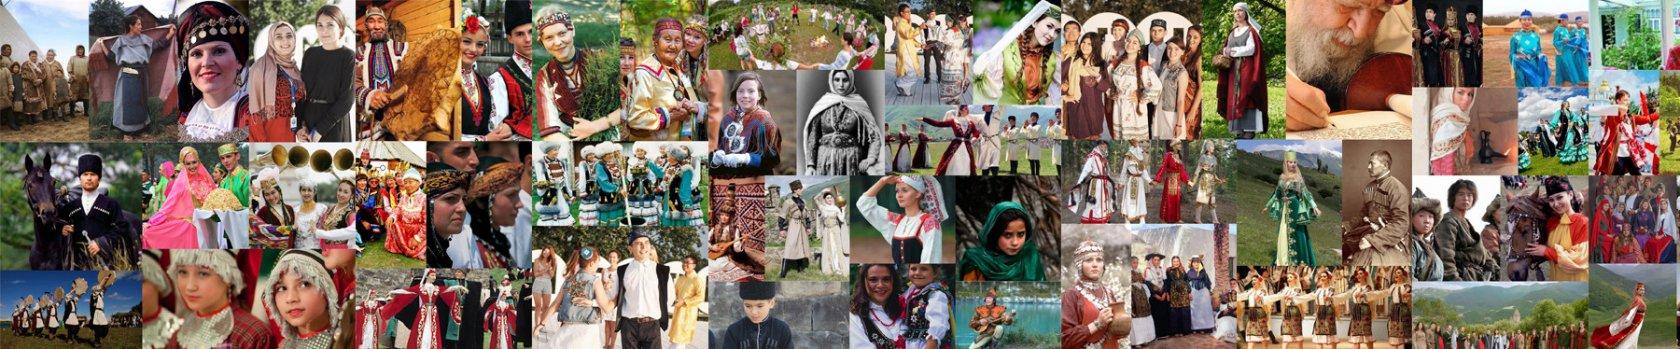 Всероссийский смотр-конкурс национального творчества и сценического мастерства «Сохраняем культурное наследие великой страны»